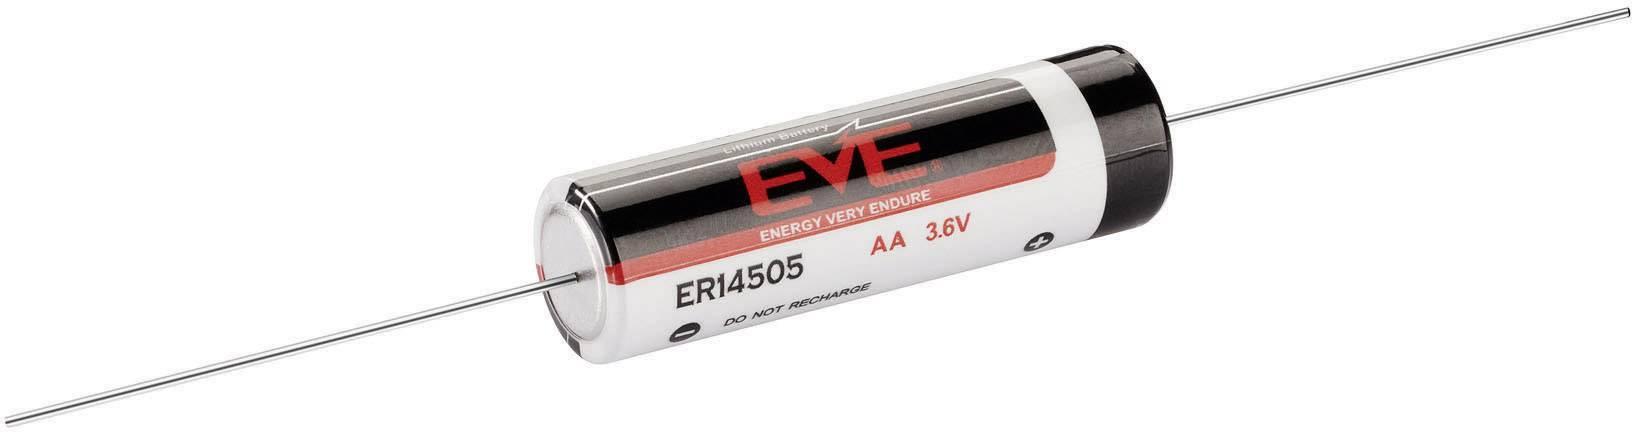 Lithiová baterie Eve, typ AA, s pájecími kontakty